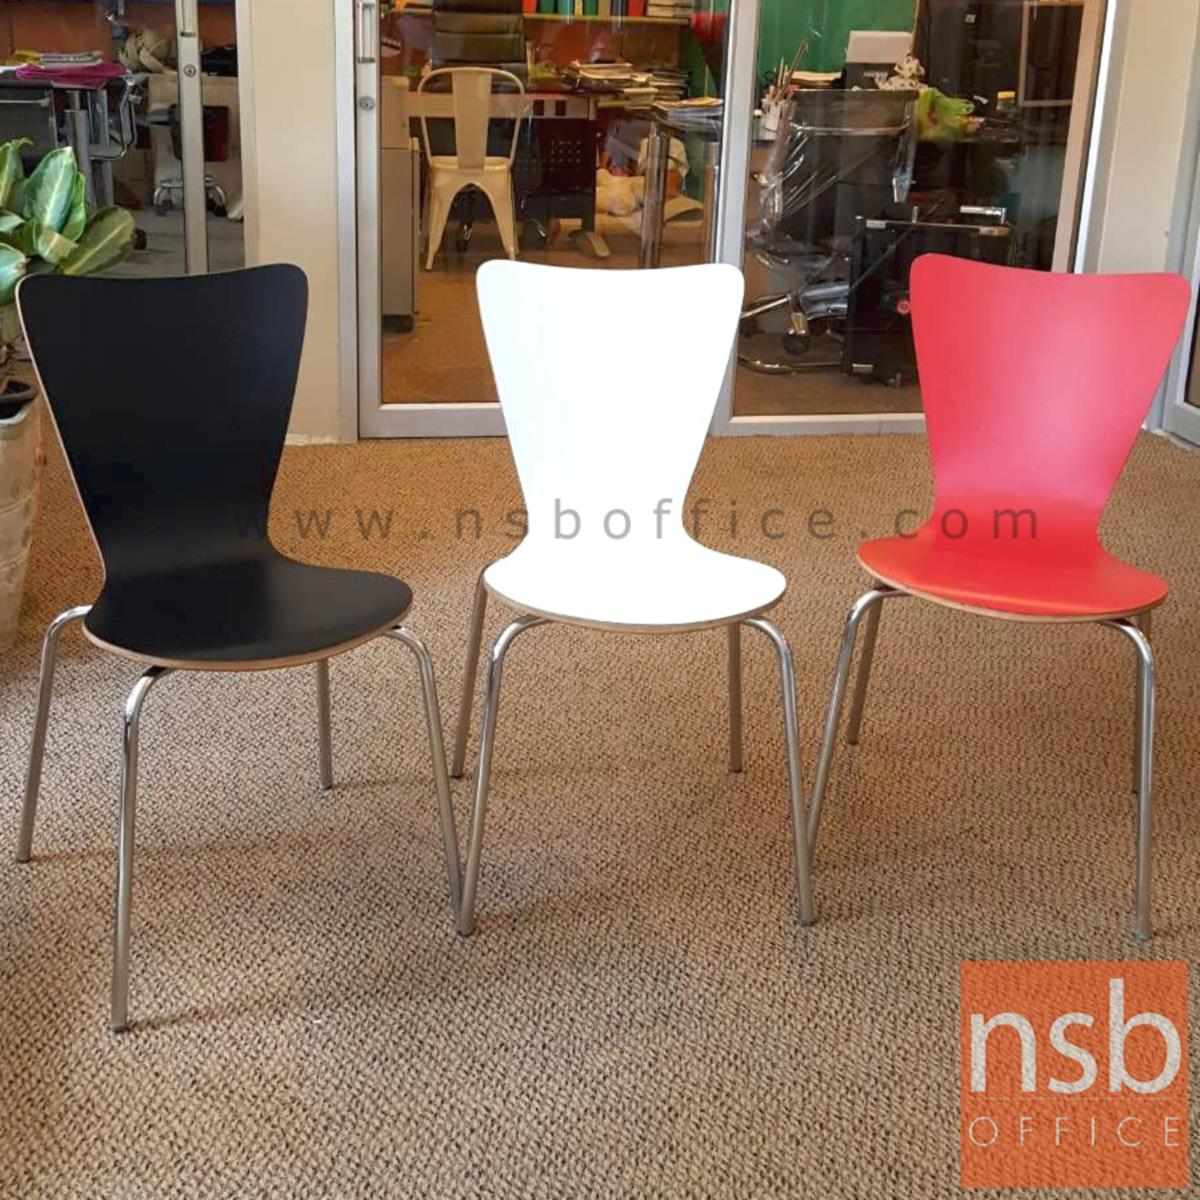 เก้าอี้อเนกประสงค์ไม้วีเนียร์ดัด รุ่น Bassett (บาสเซตต์)  ขาเหล็กชุบโครเมี่ยม